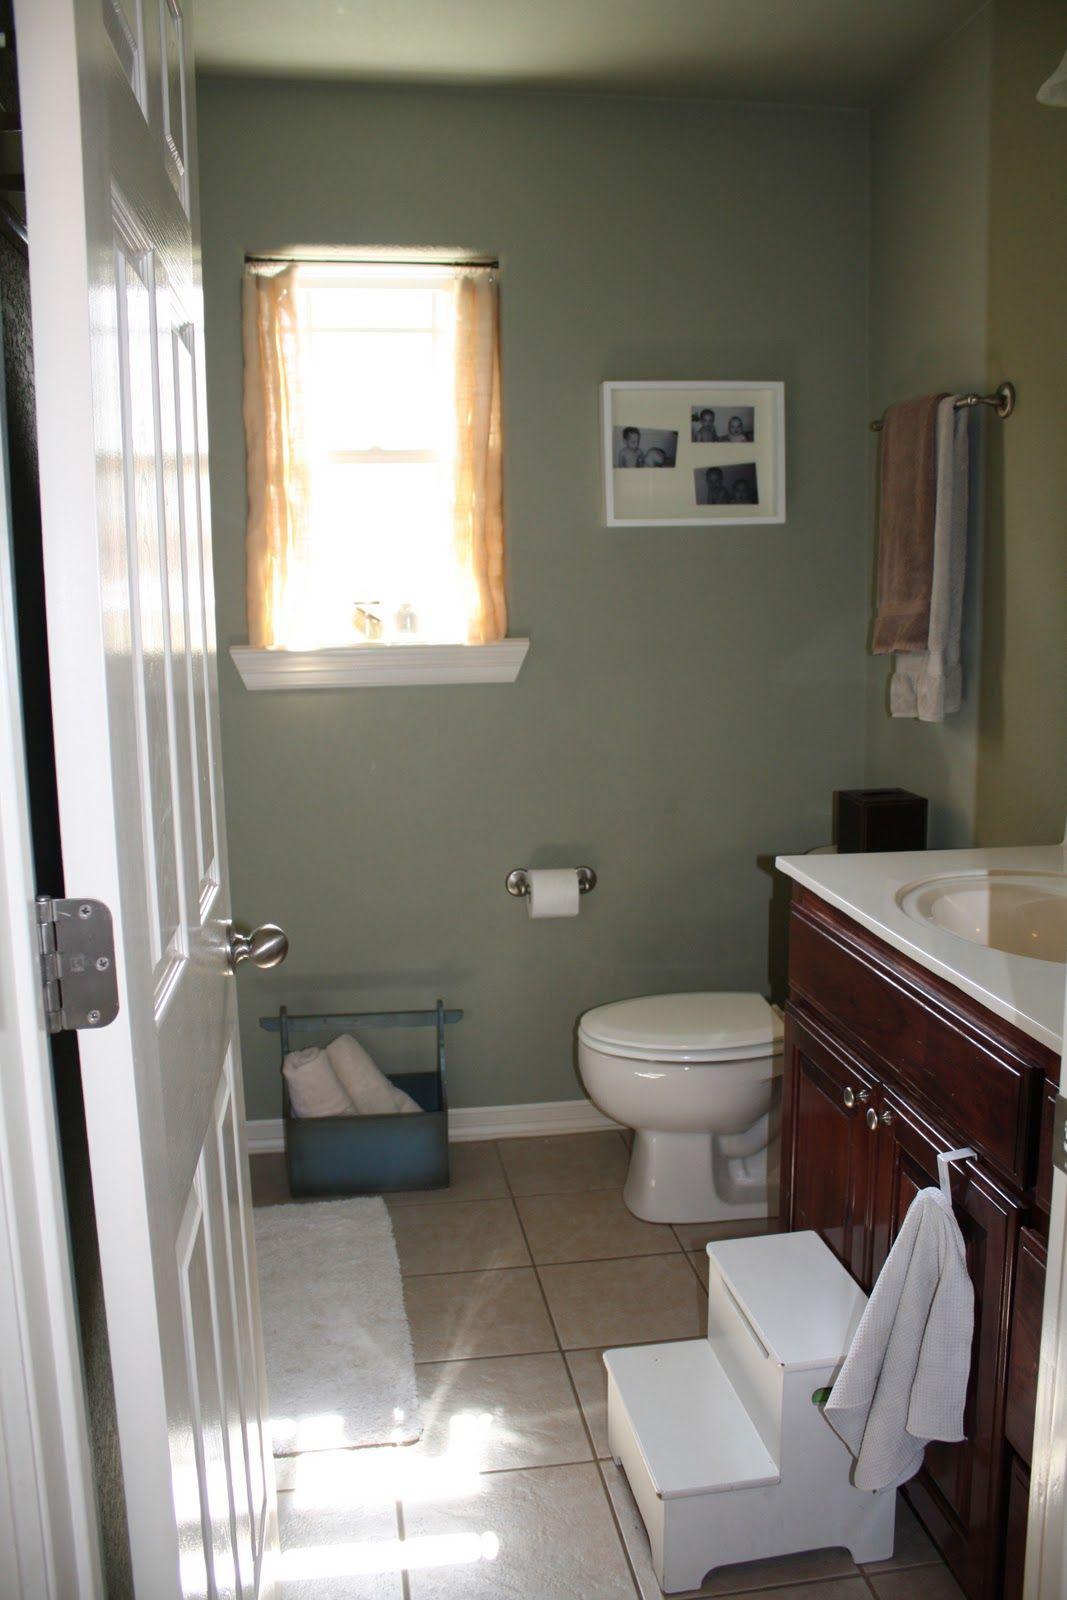 Sage Green Walls, White Fixtures Light Tan Floor